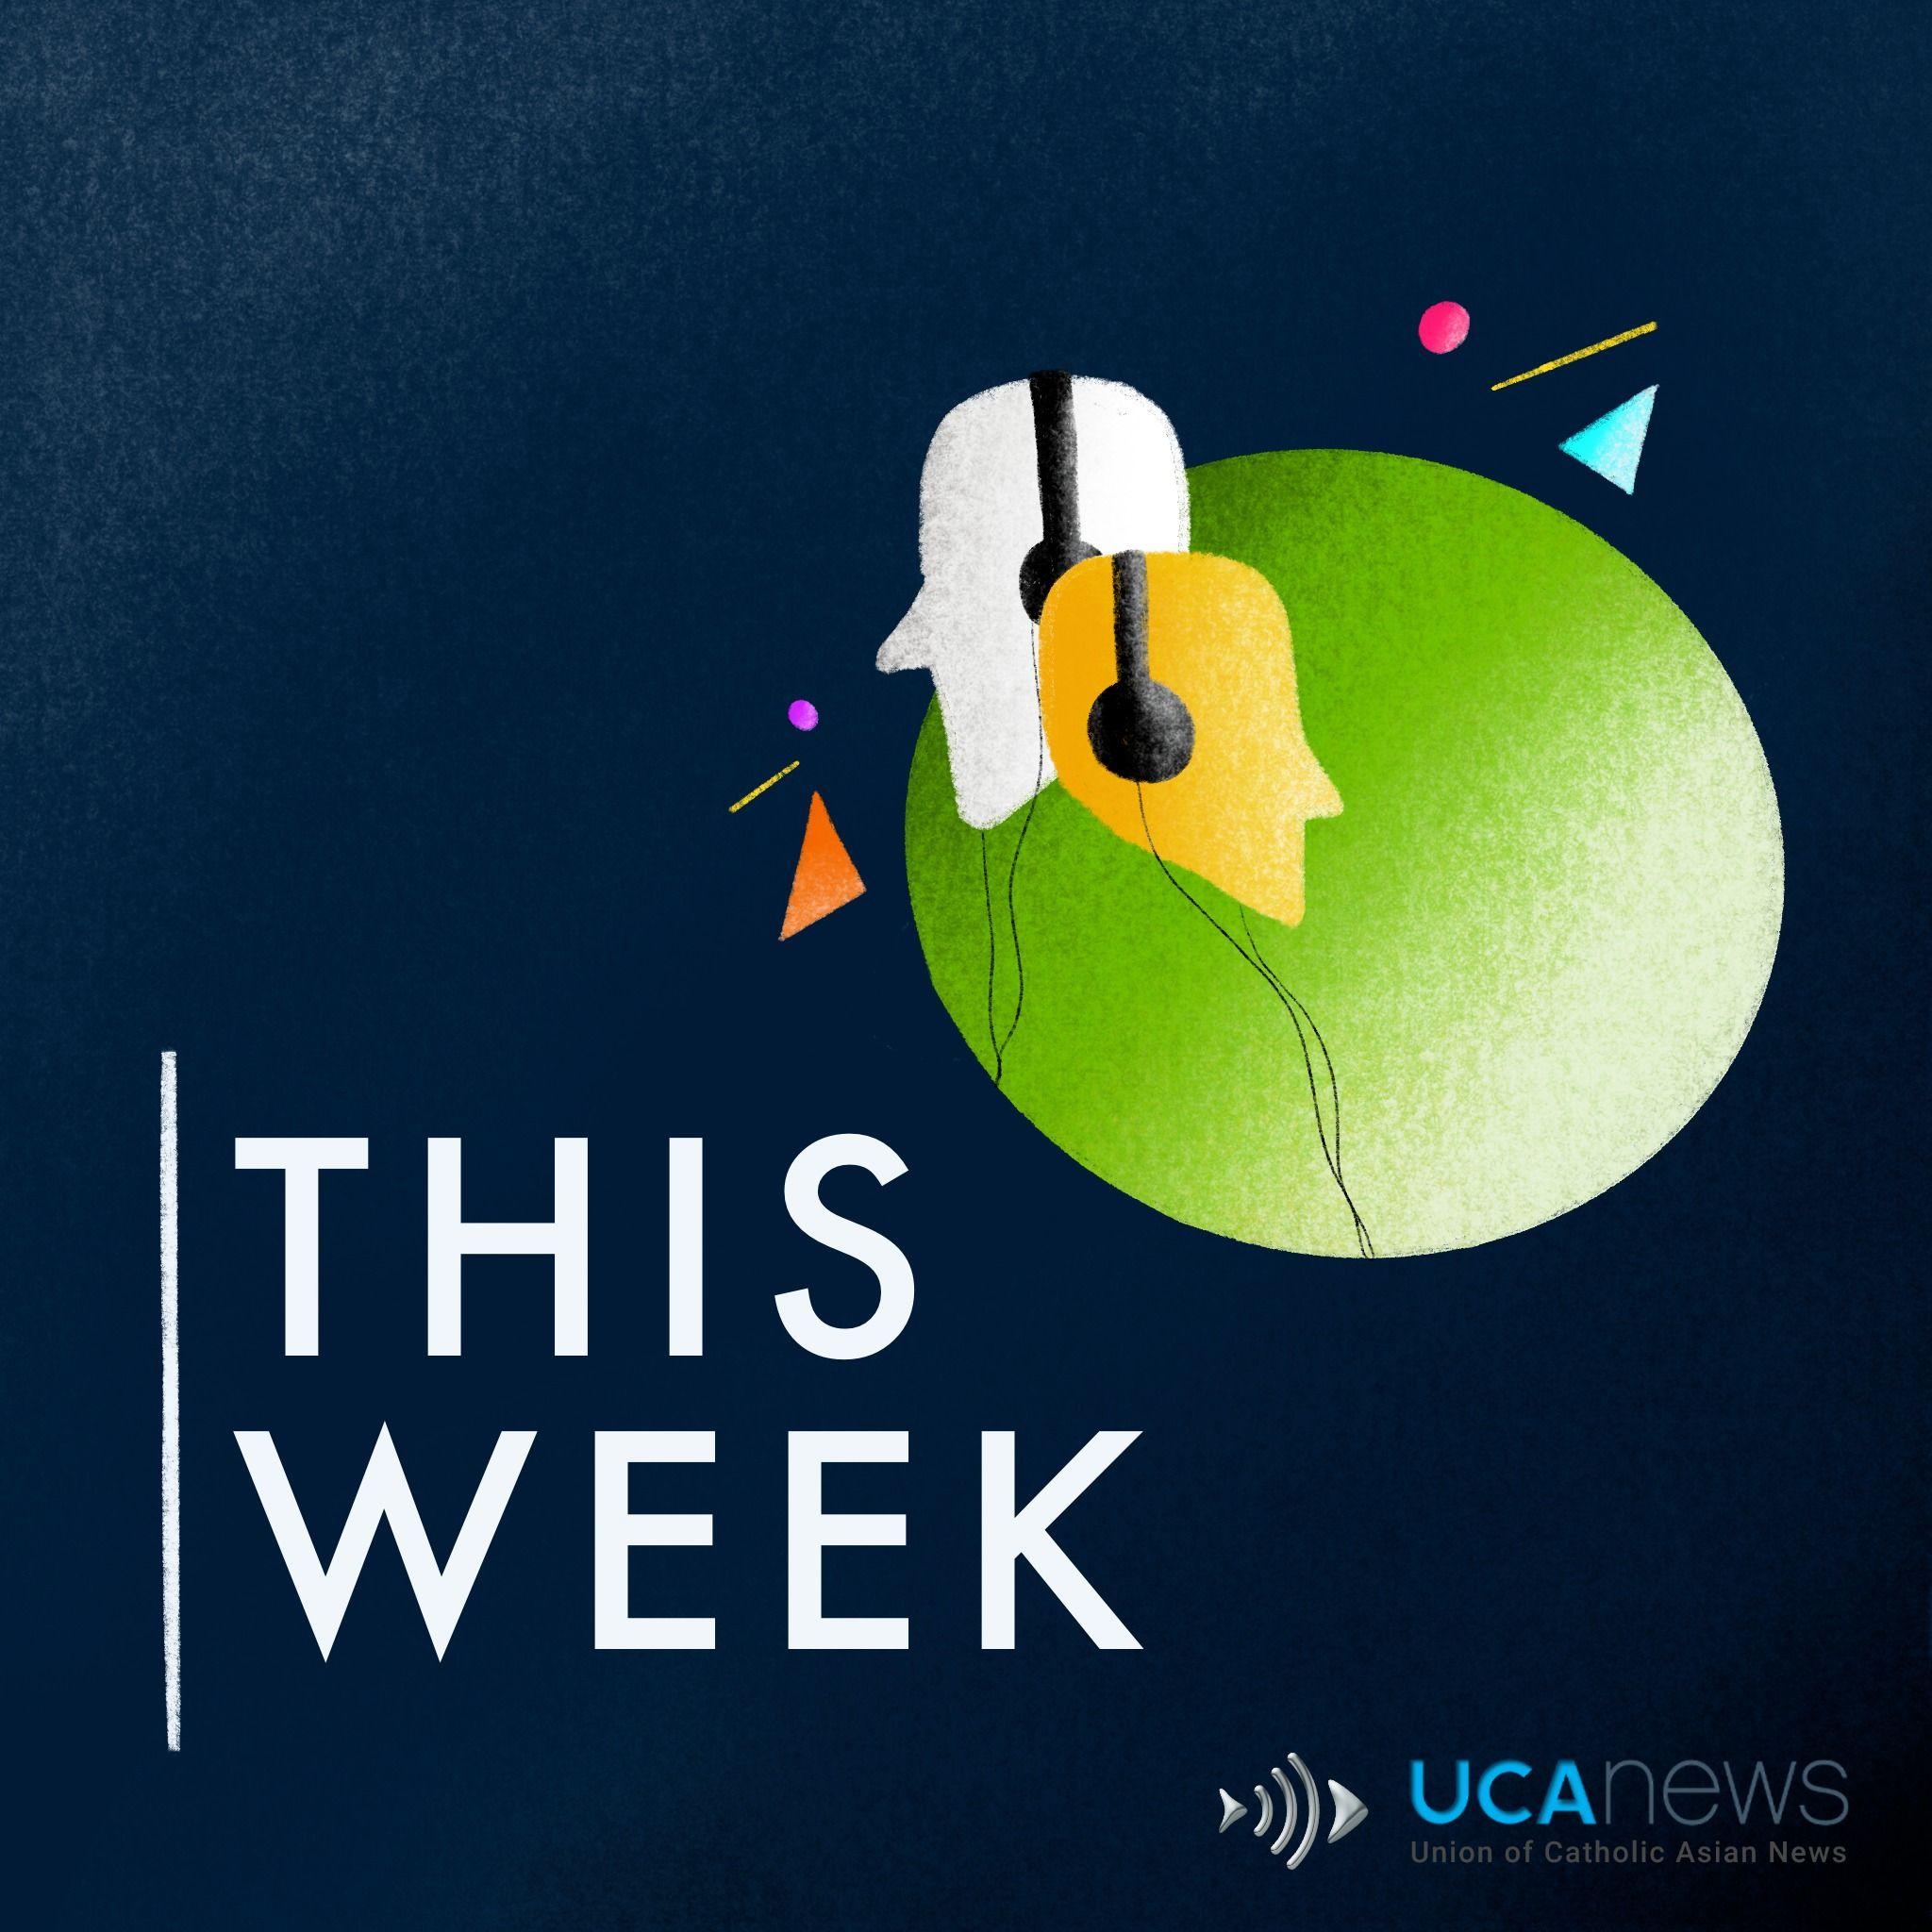 UCA News Weekly Summary, July 30, 2021